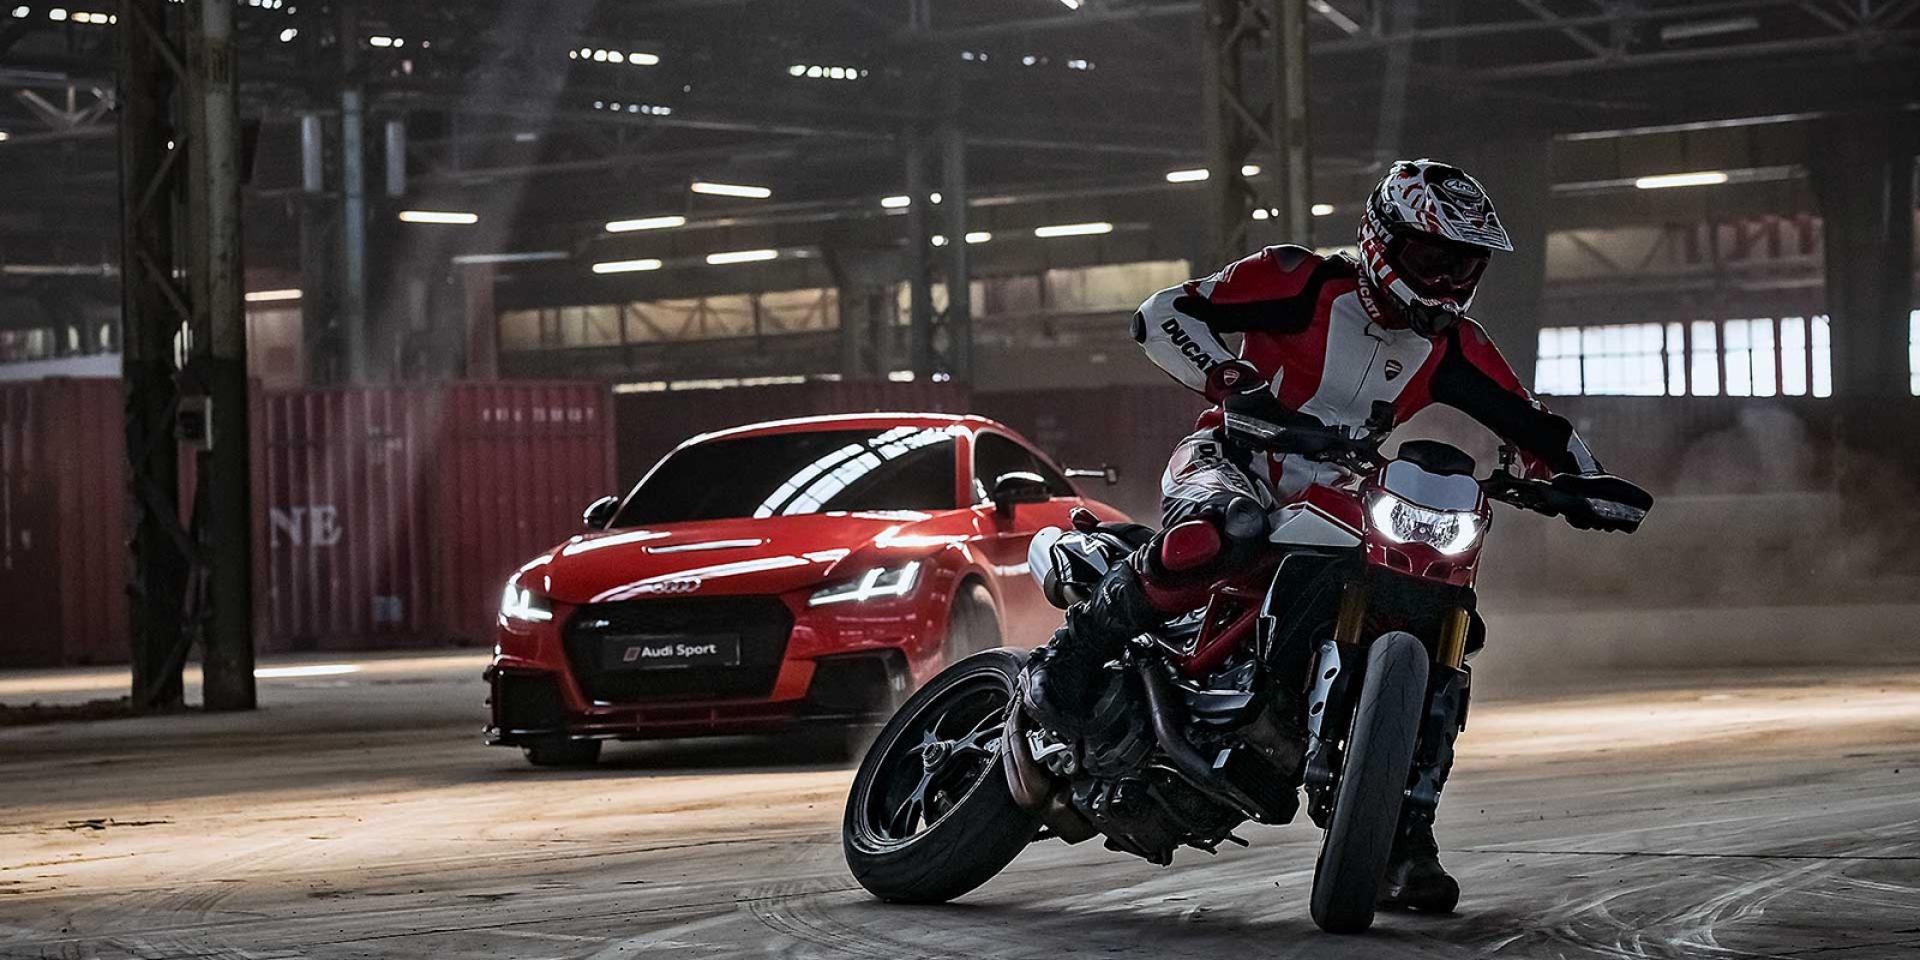 價錢才是真道理!Ducati 2019年第一季銷量成長